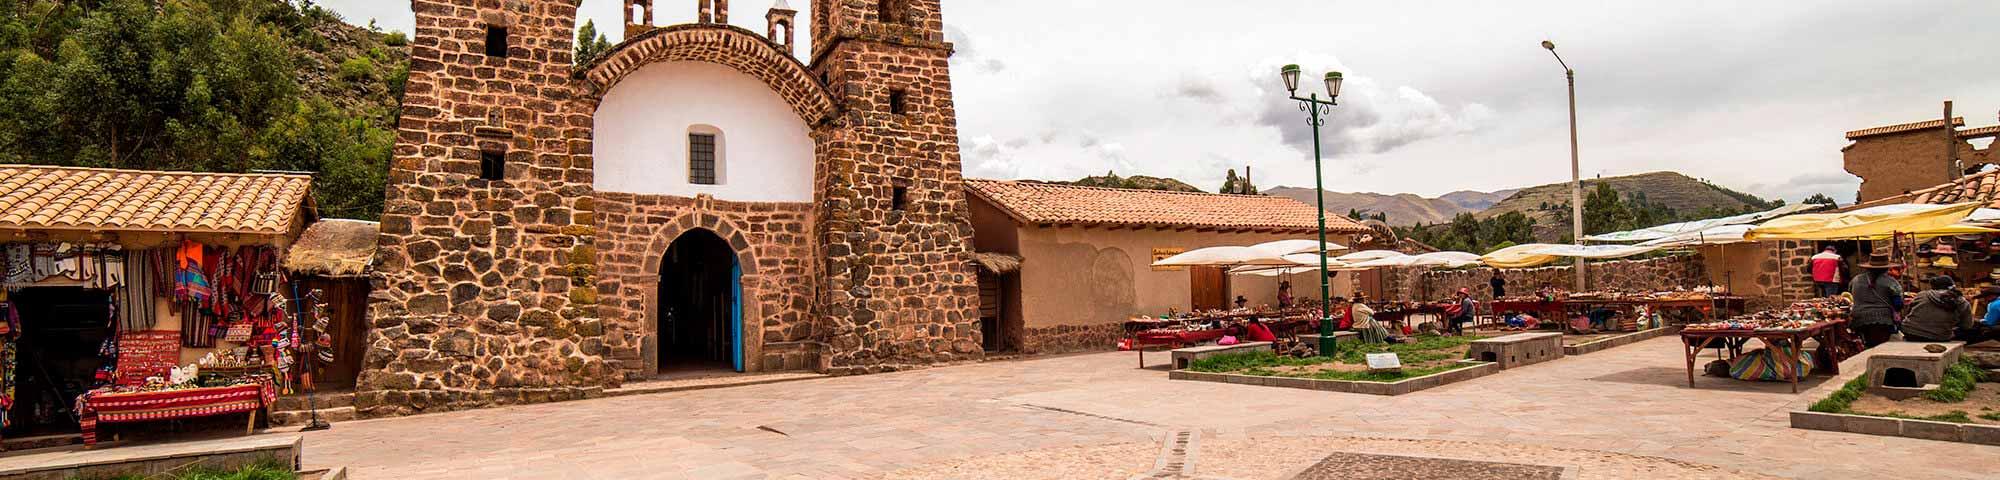 Pueblo de Raqchi